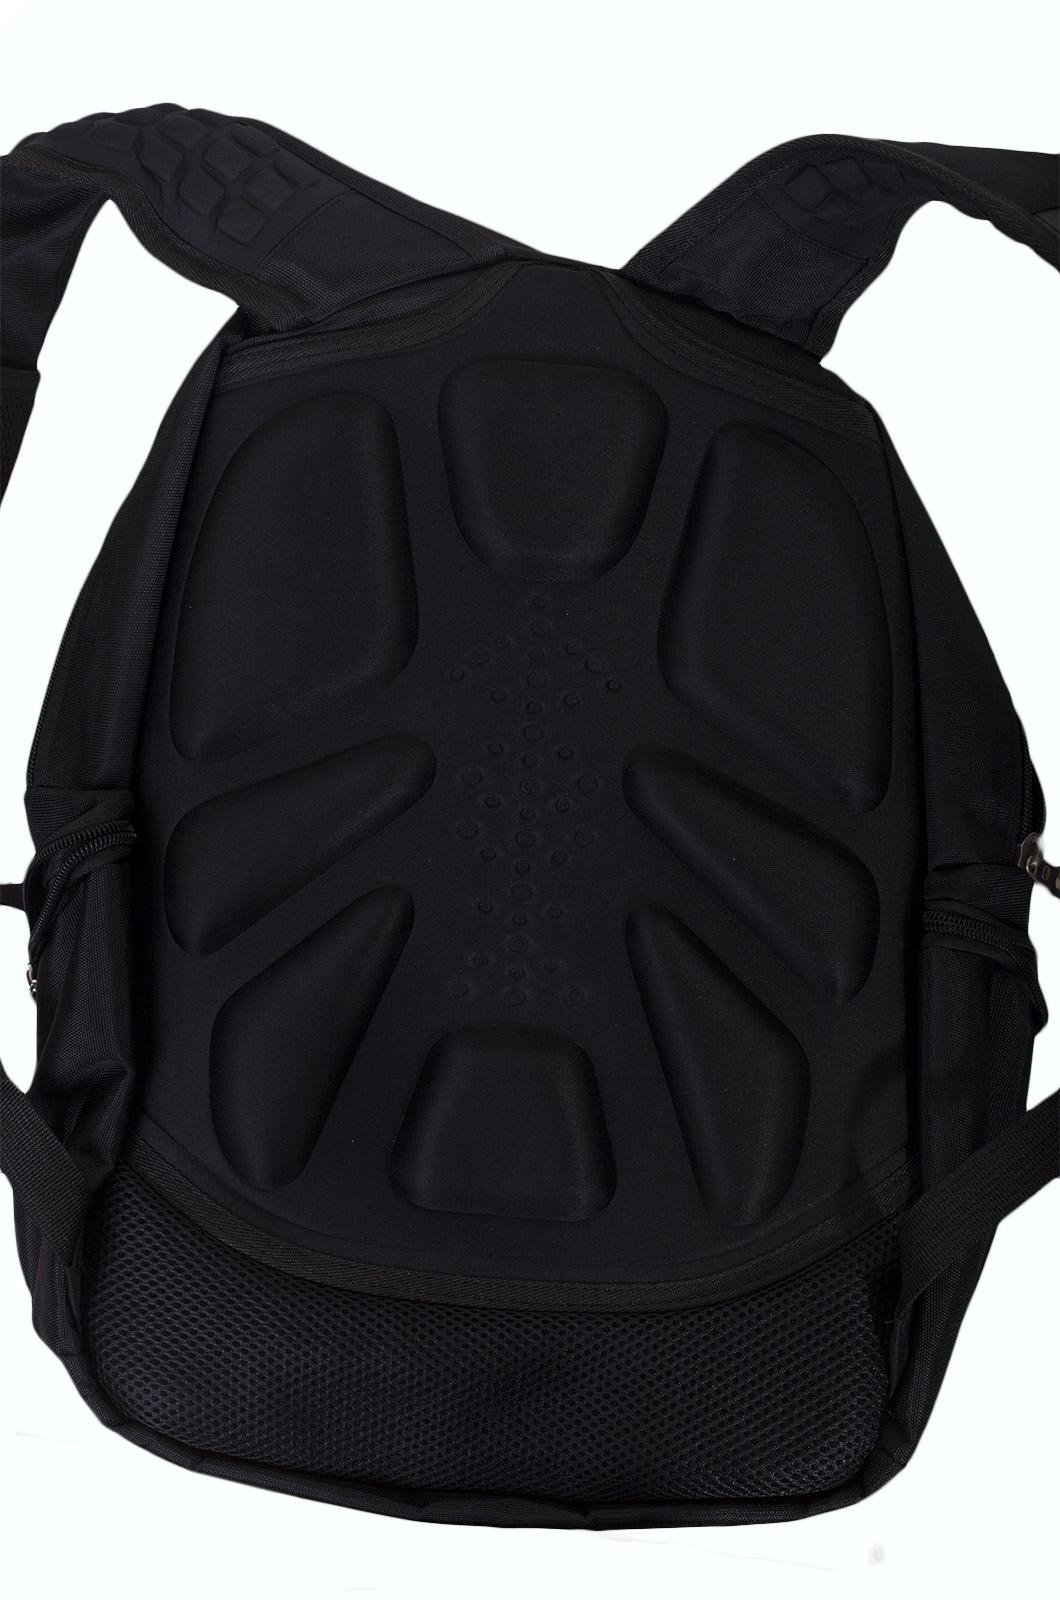 Функциональный черный рюкзак с шевроном ВМФ купить в подарок